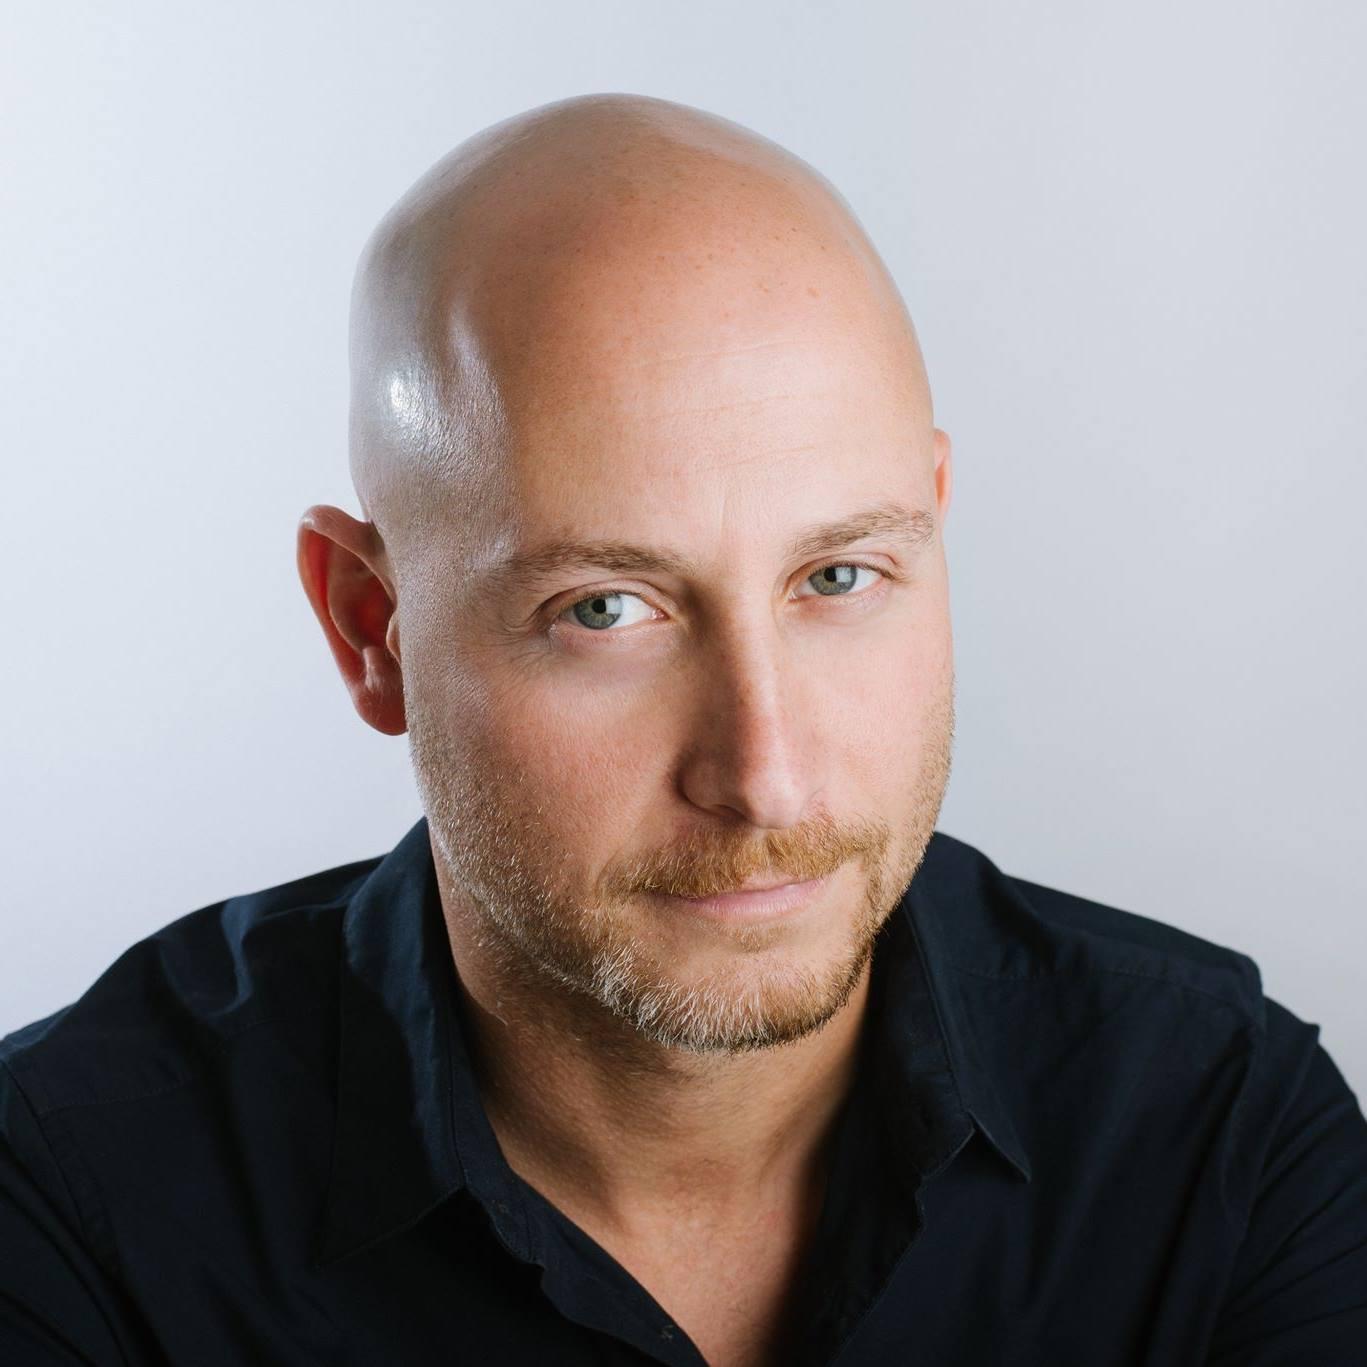 'פרוג' מציג קורס פרסום במודל חדש: ריאיון עם הפרסומאי הבכיר יאיר ויס 1